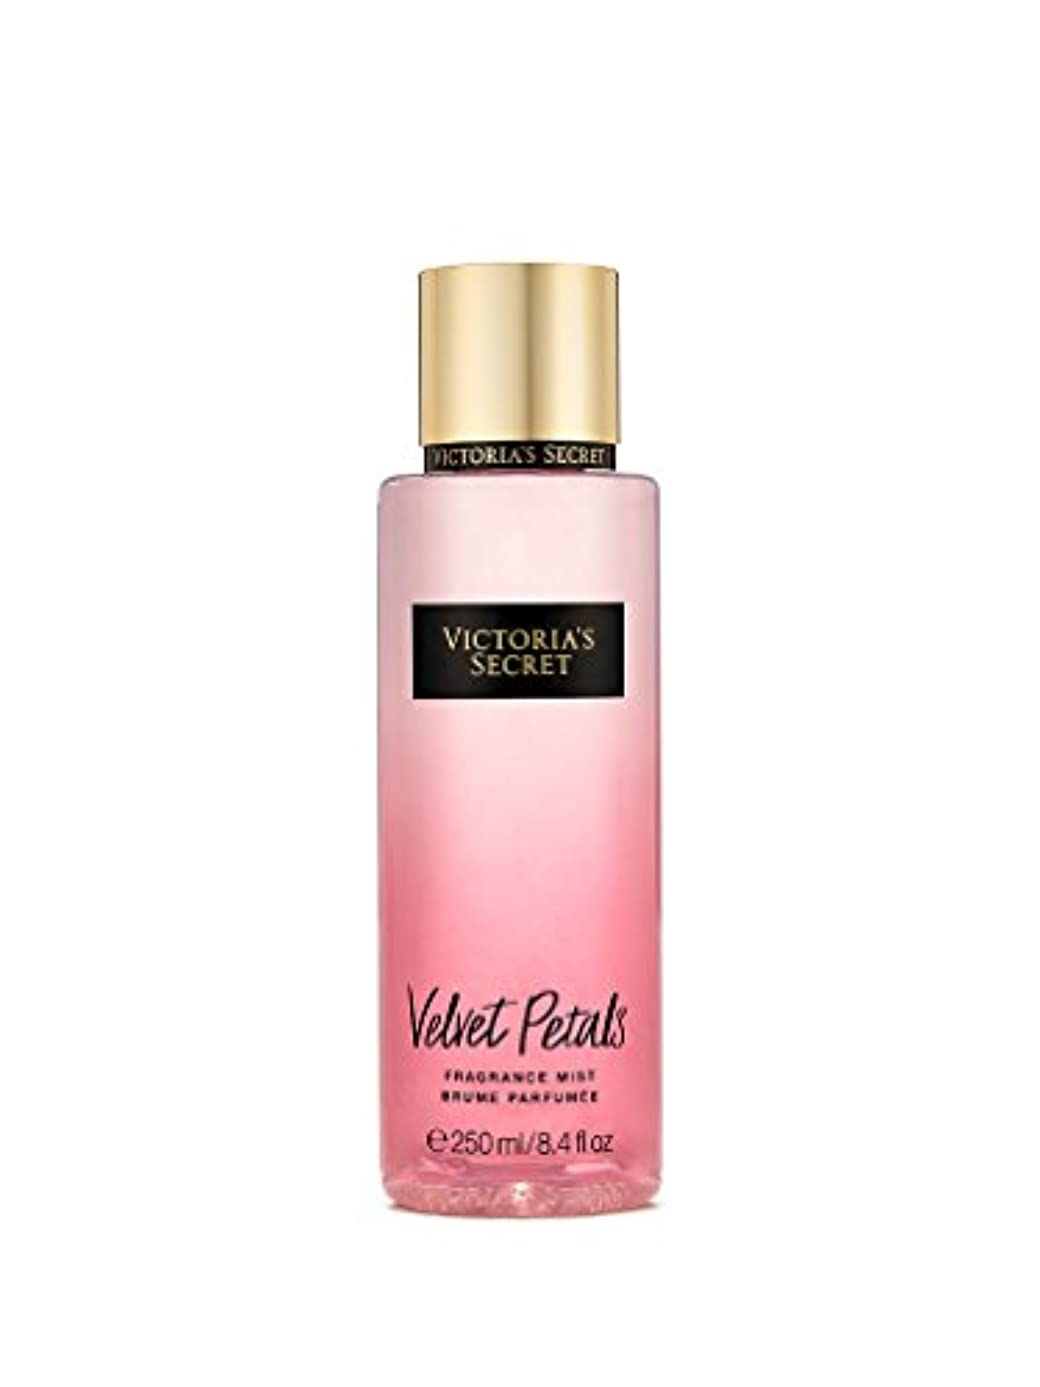 凍る曲がった献身【並行輸入品】Victoria's Secret Velvet Petals Fragrance Mist ヴィクトリアズシークレットベルベットぺタルズミスト250 ml